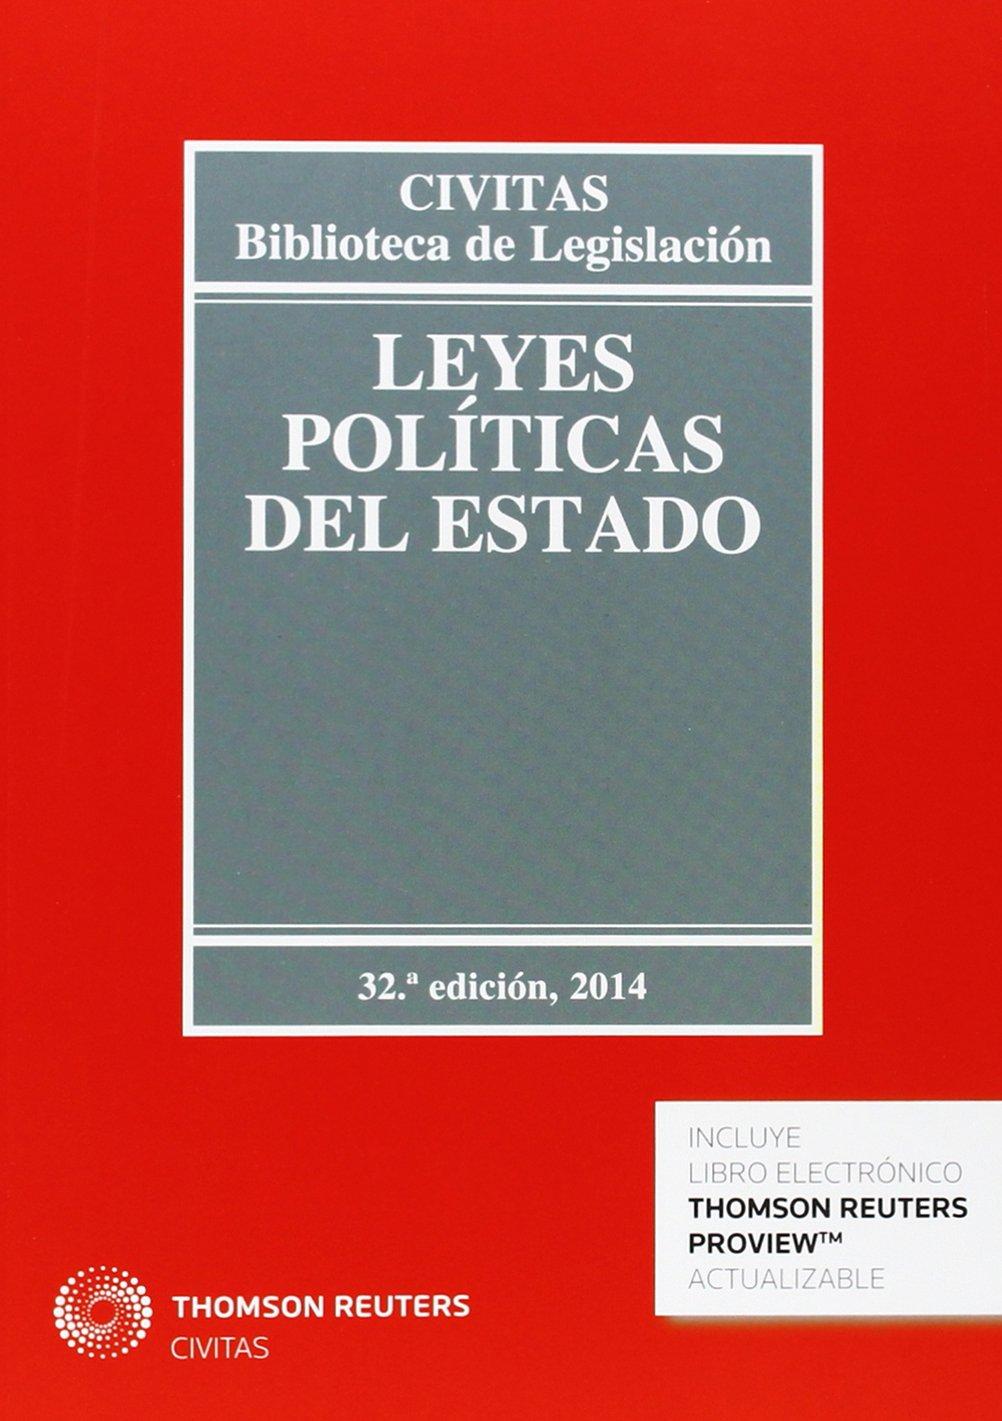 Leyes Politicas Del Estado Leyes Politicas Del Estado